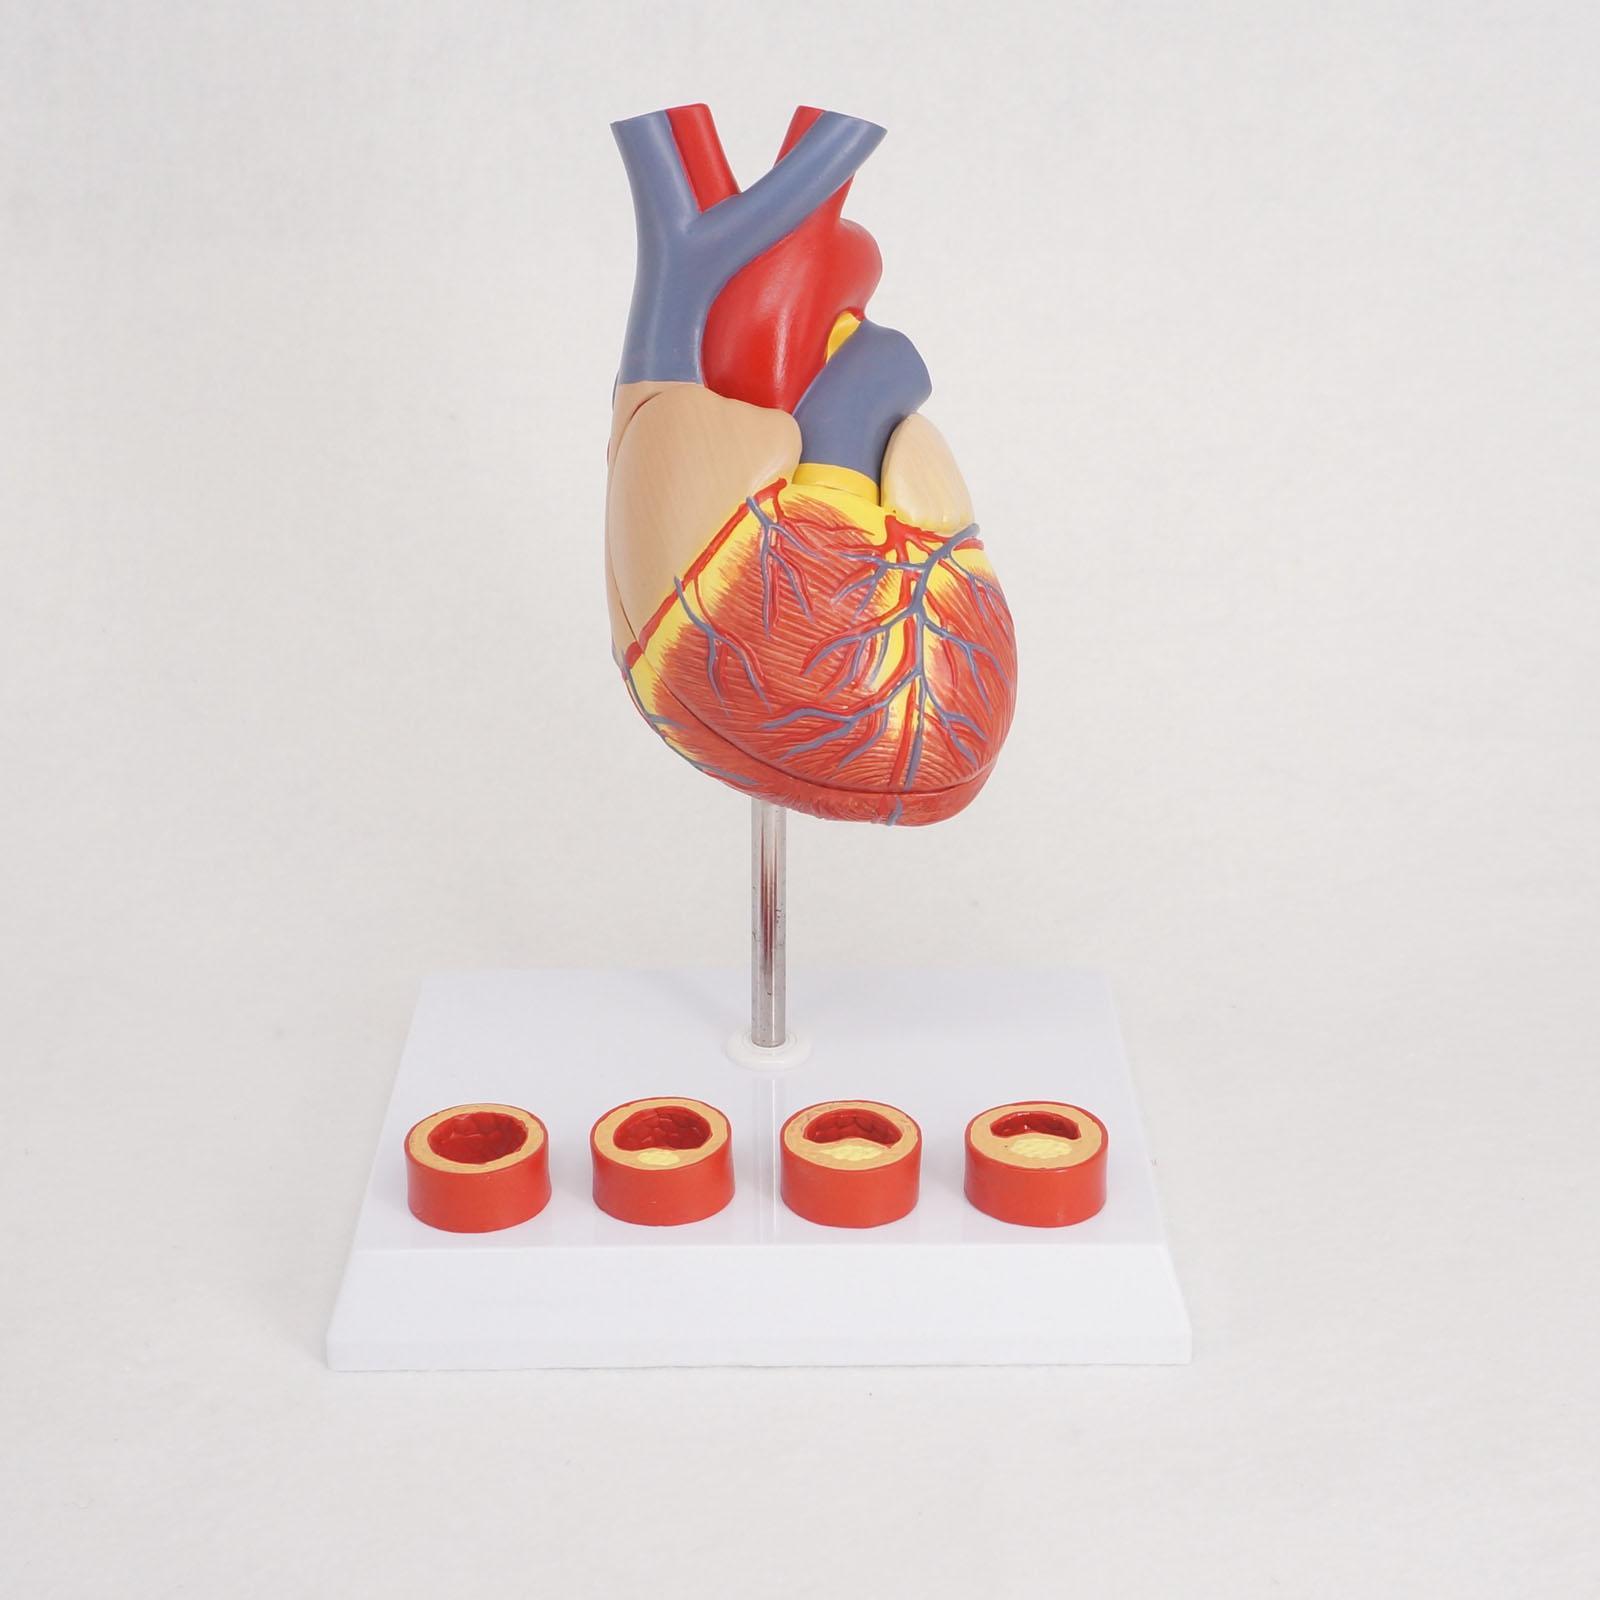 Menschliche Leber Simulation Modell Medical Anatomie PVC Leben Größe ...